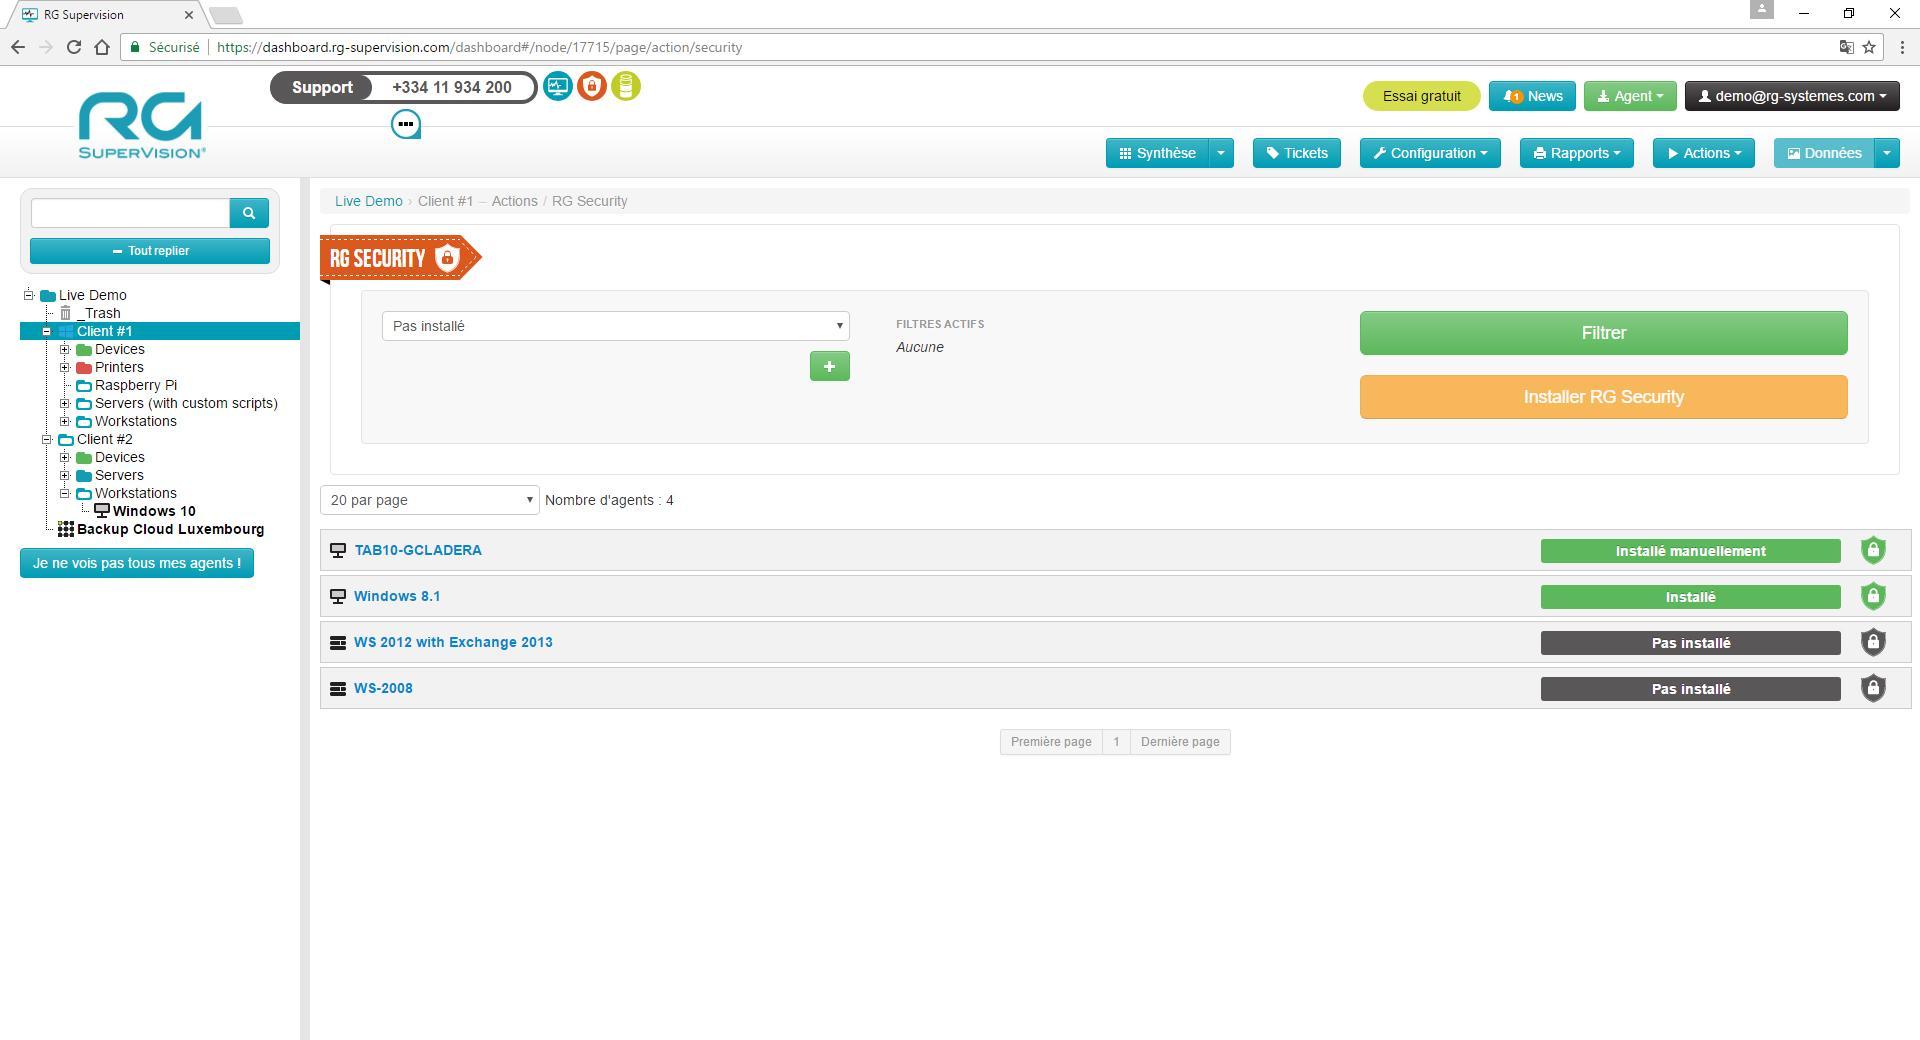 RG Security : interface de déploiement massif des agents RG Security